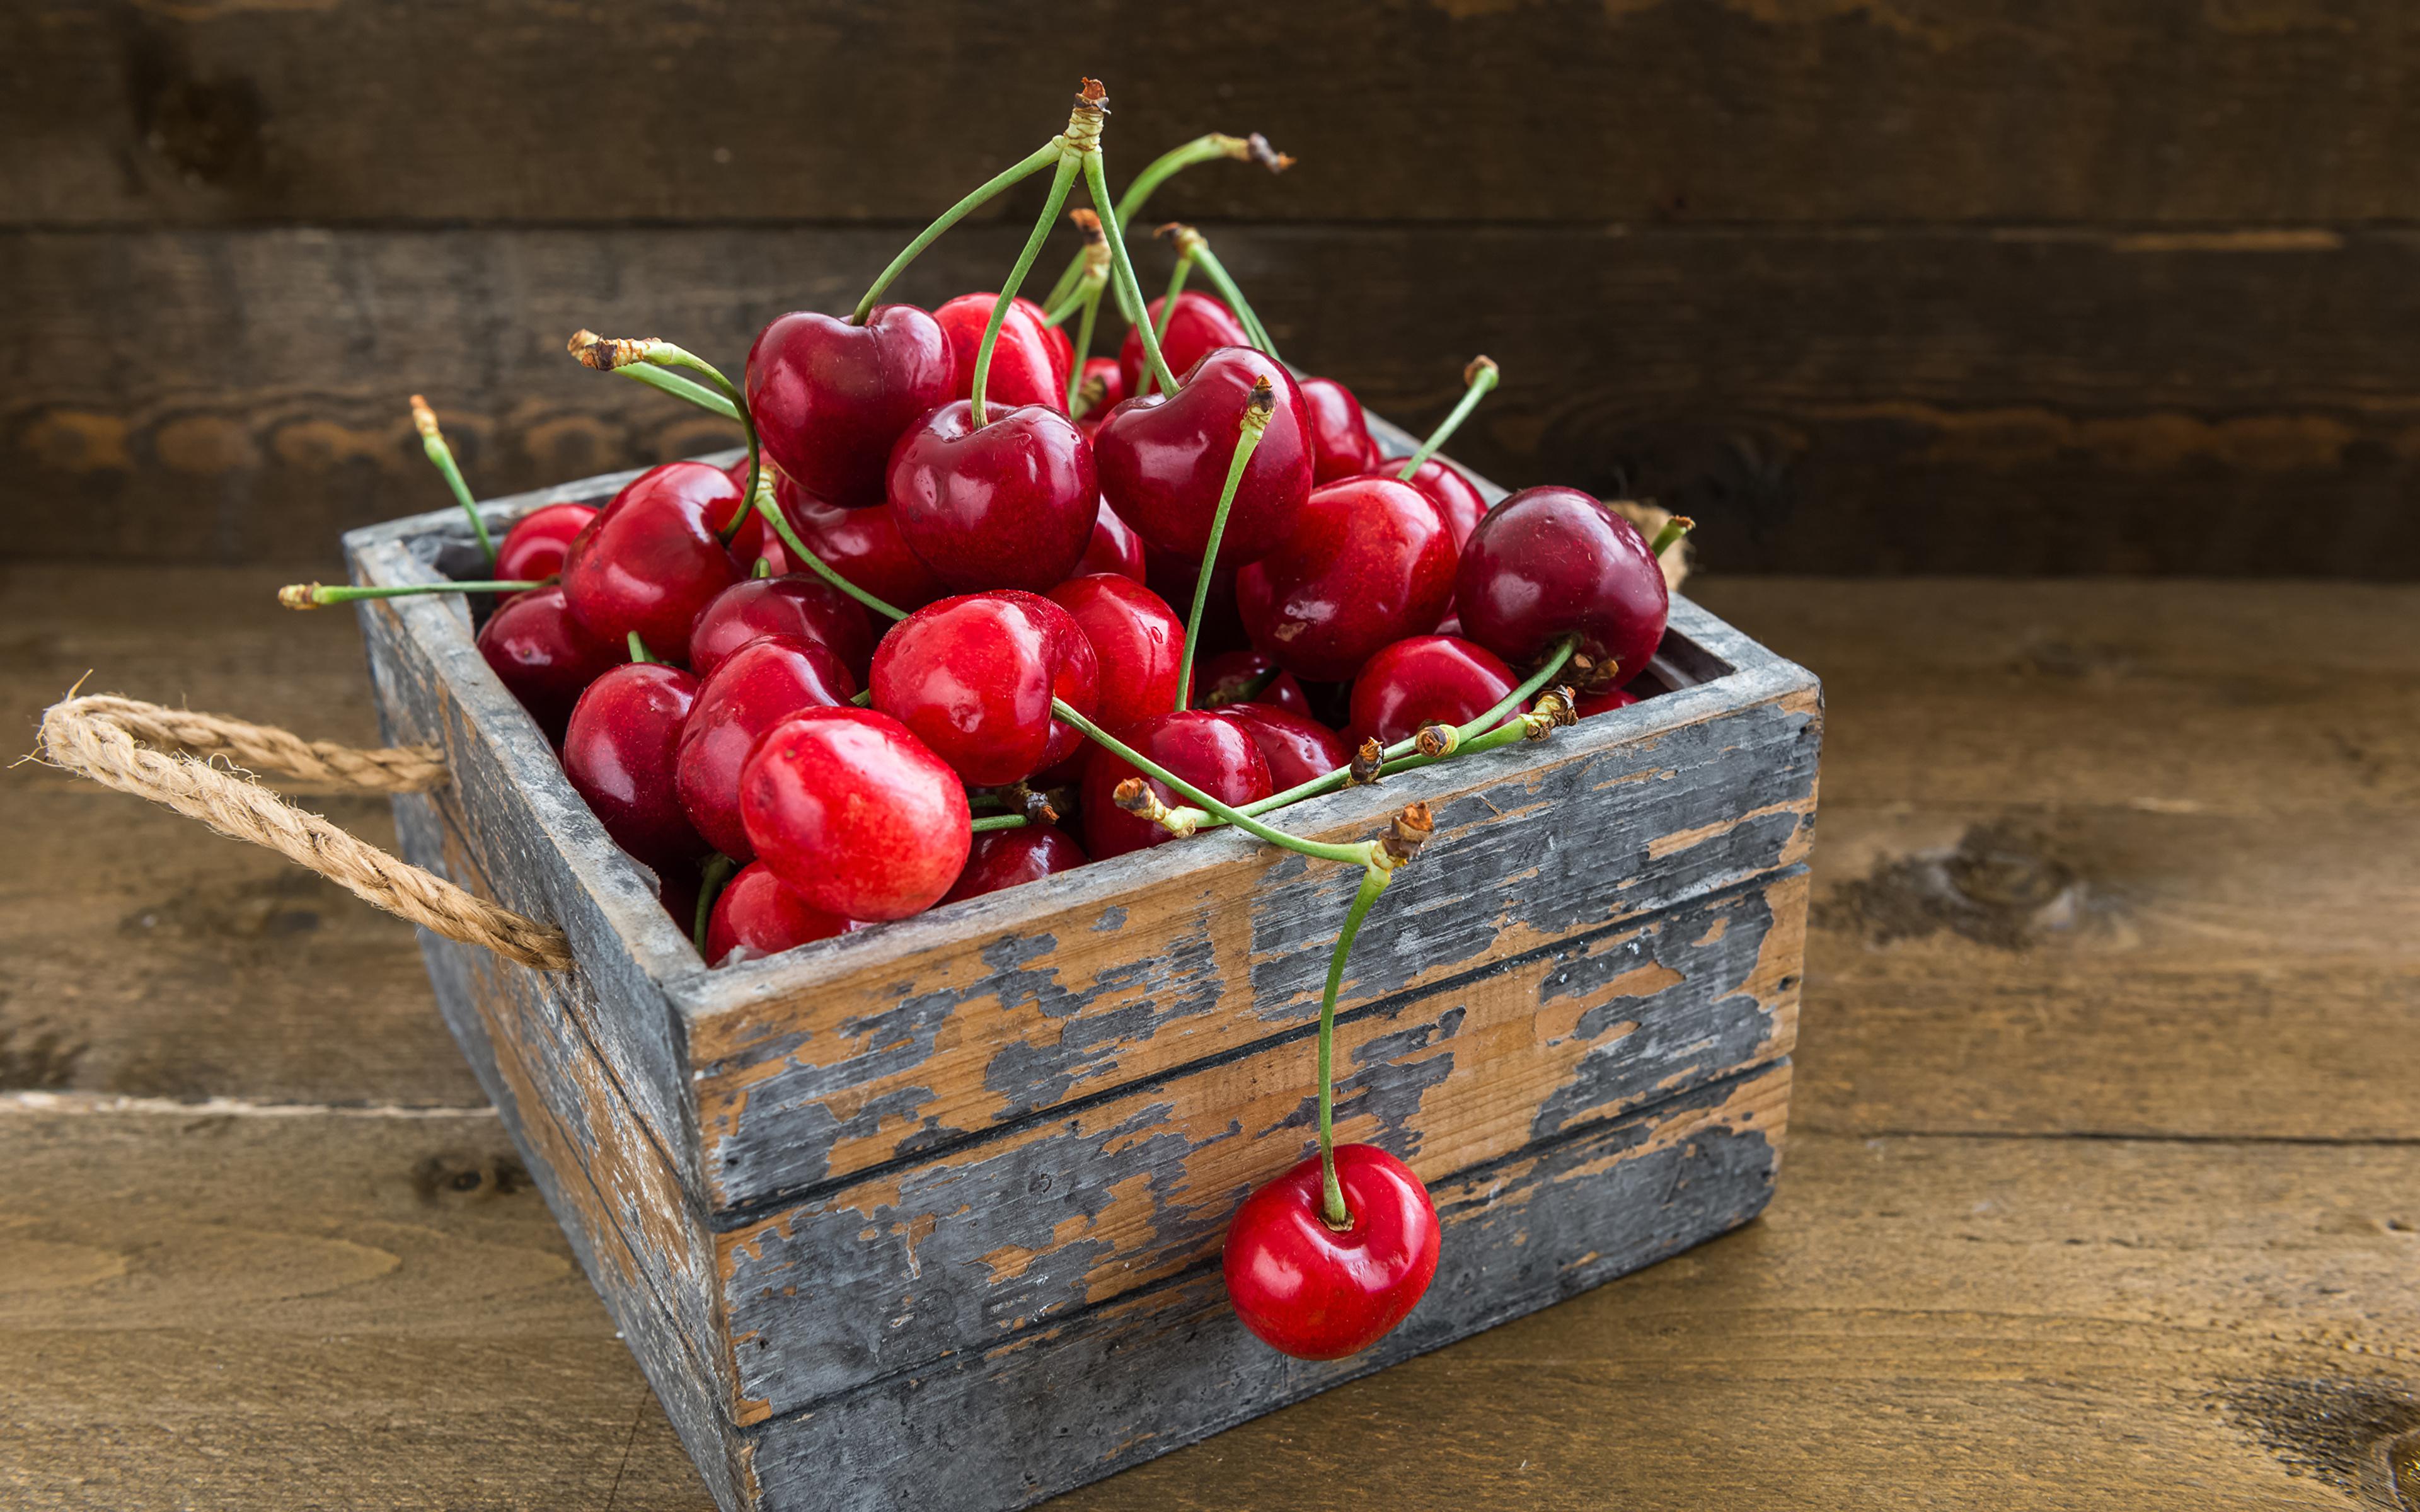 Fruit_Cherry_Many_489608_3840x2400